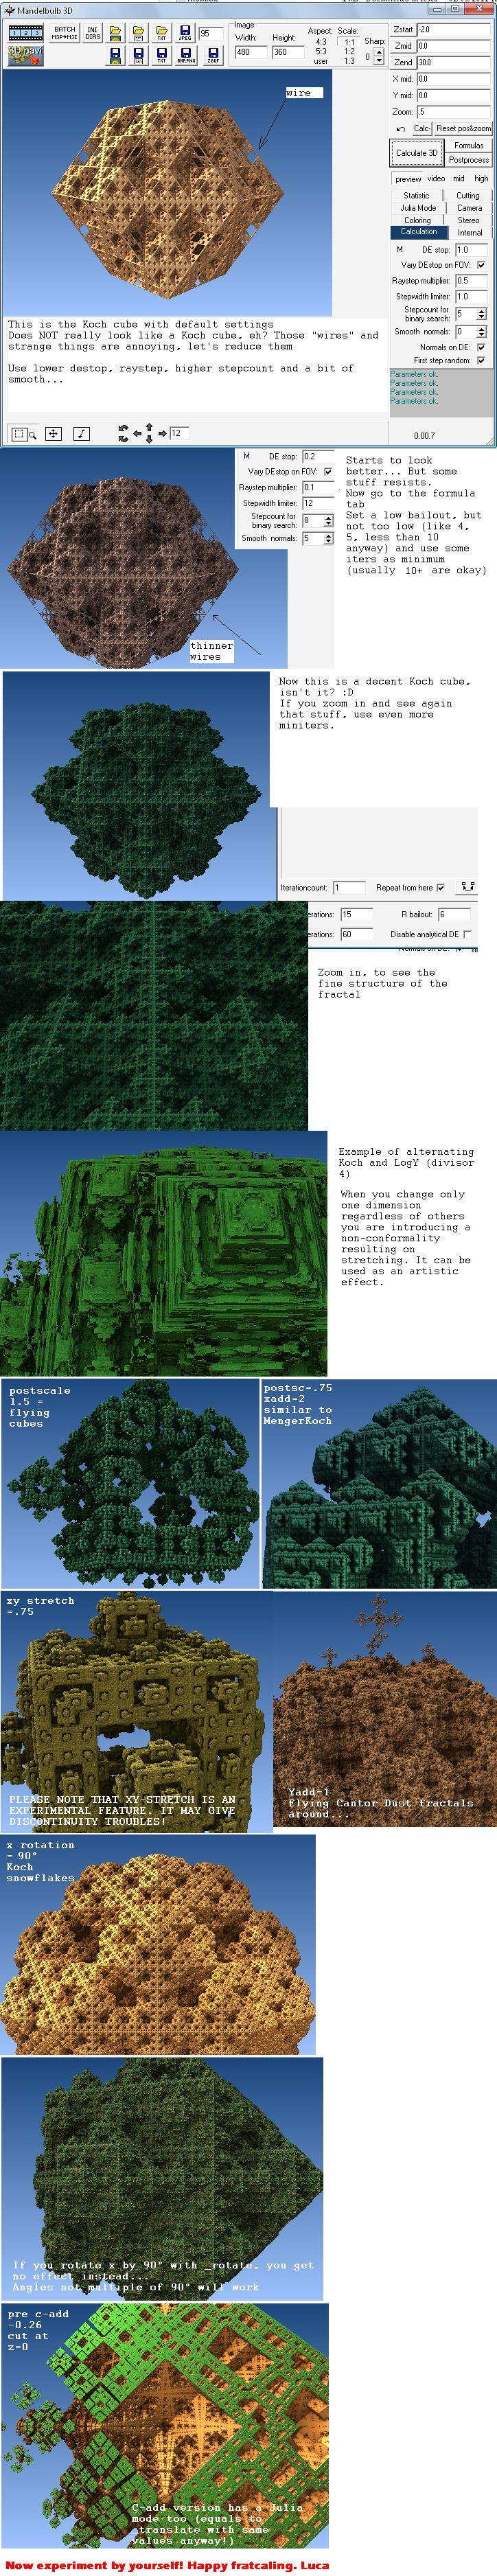 Koch cube minitut